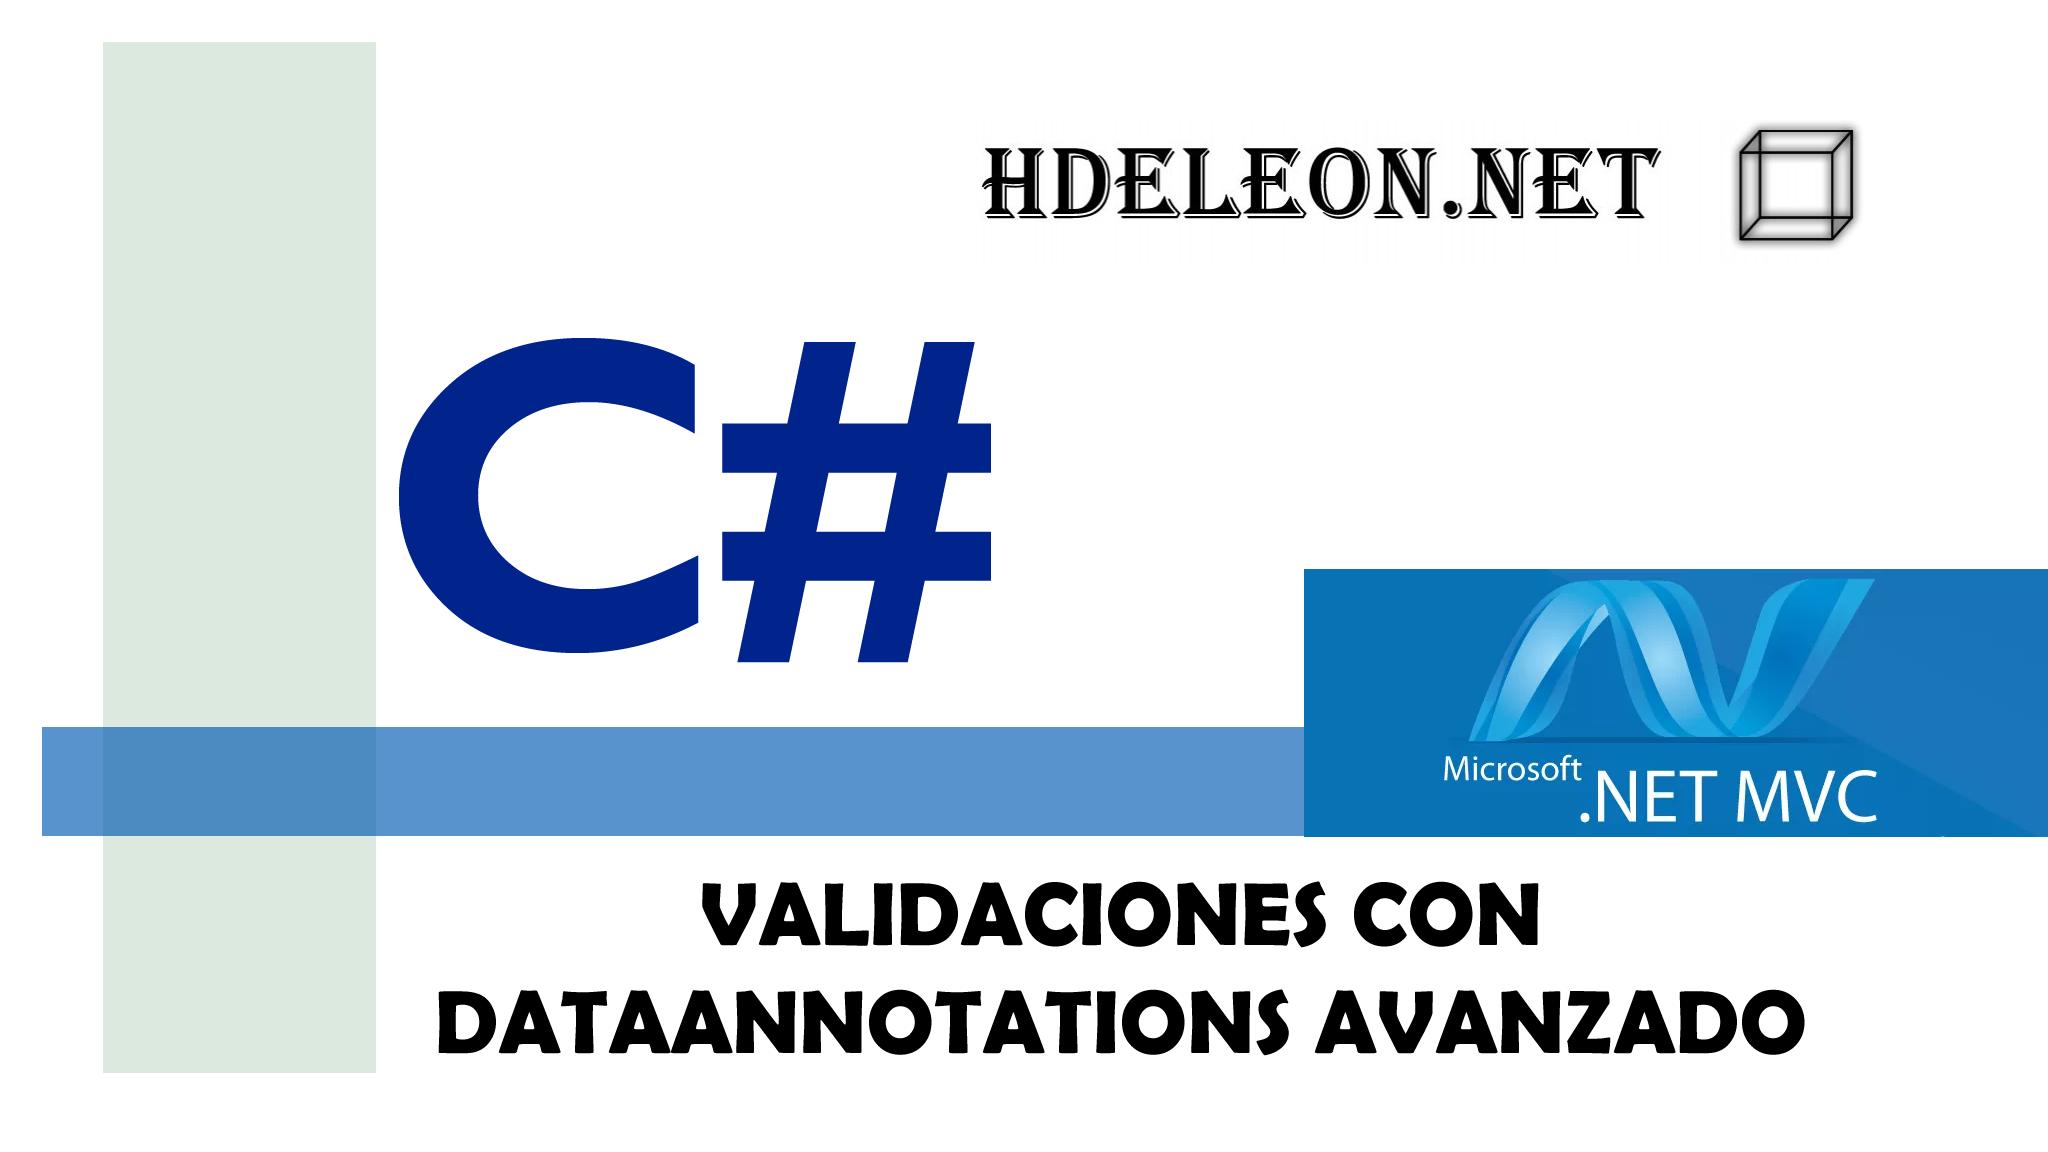 Validaciones con DataAnnotations Avanzado, MVC .Net, C# .Net